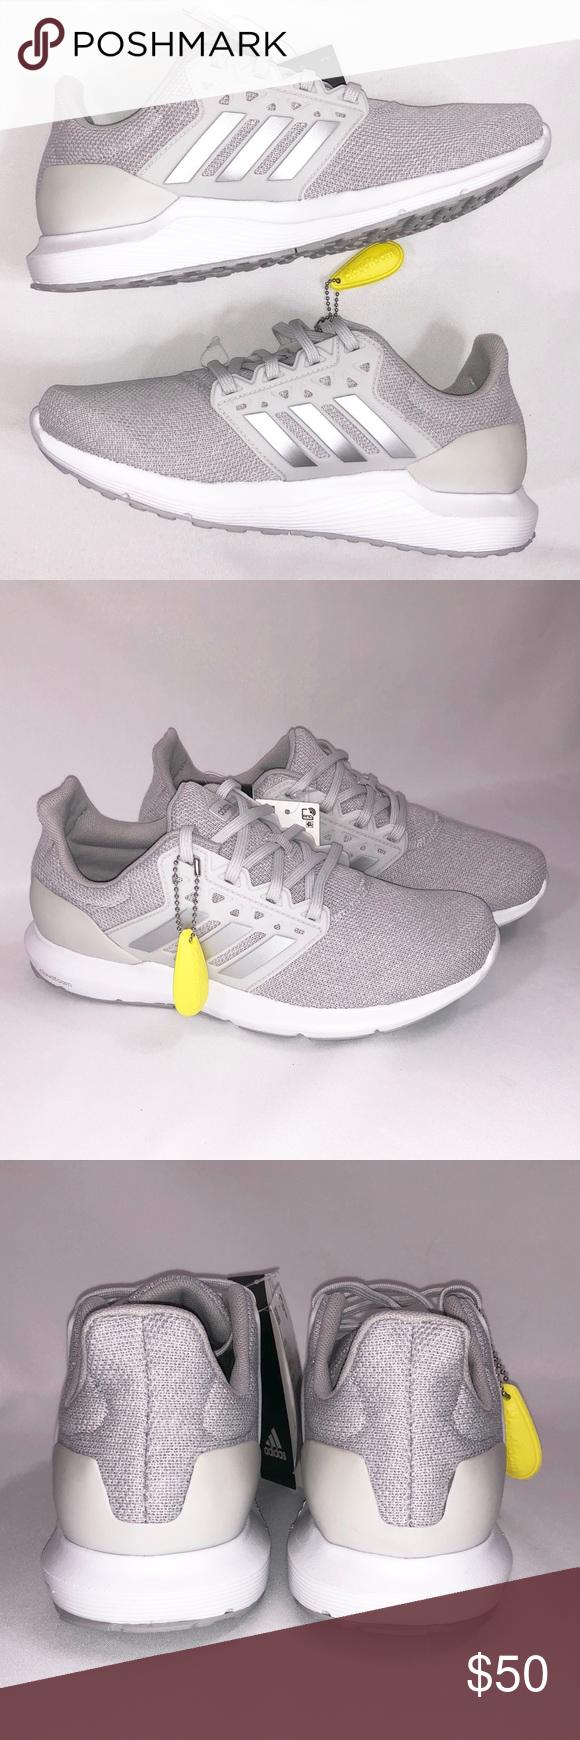 adidas tennis shoes men size 8